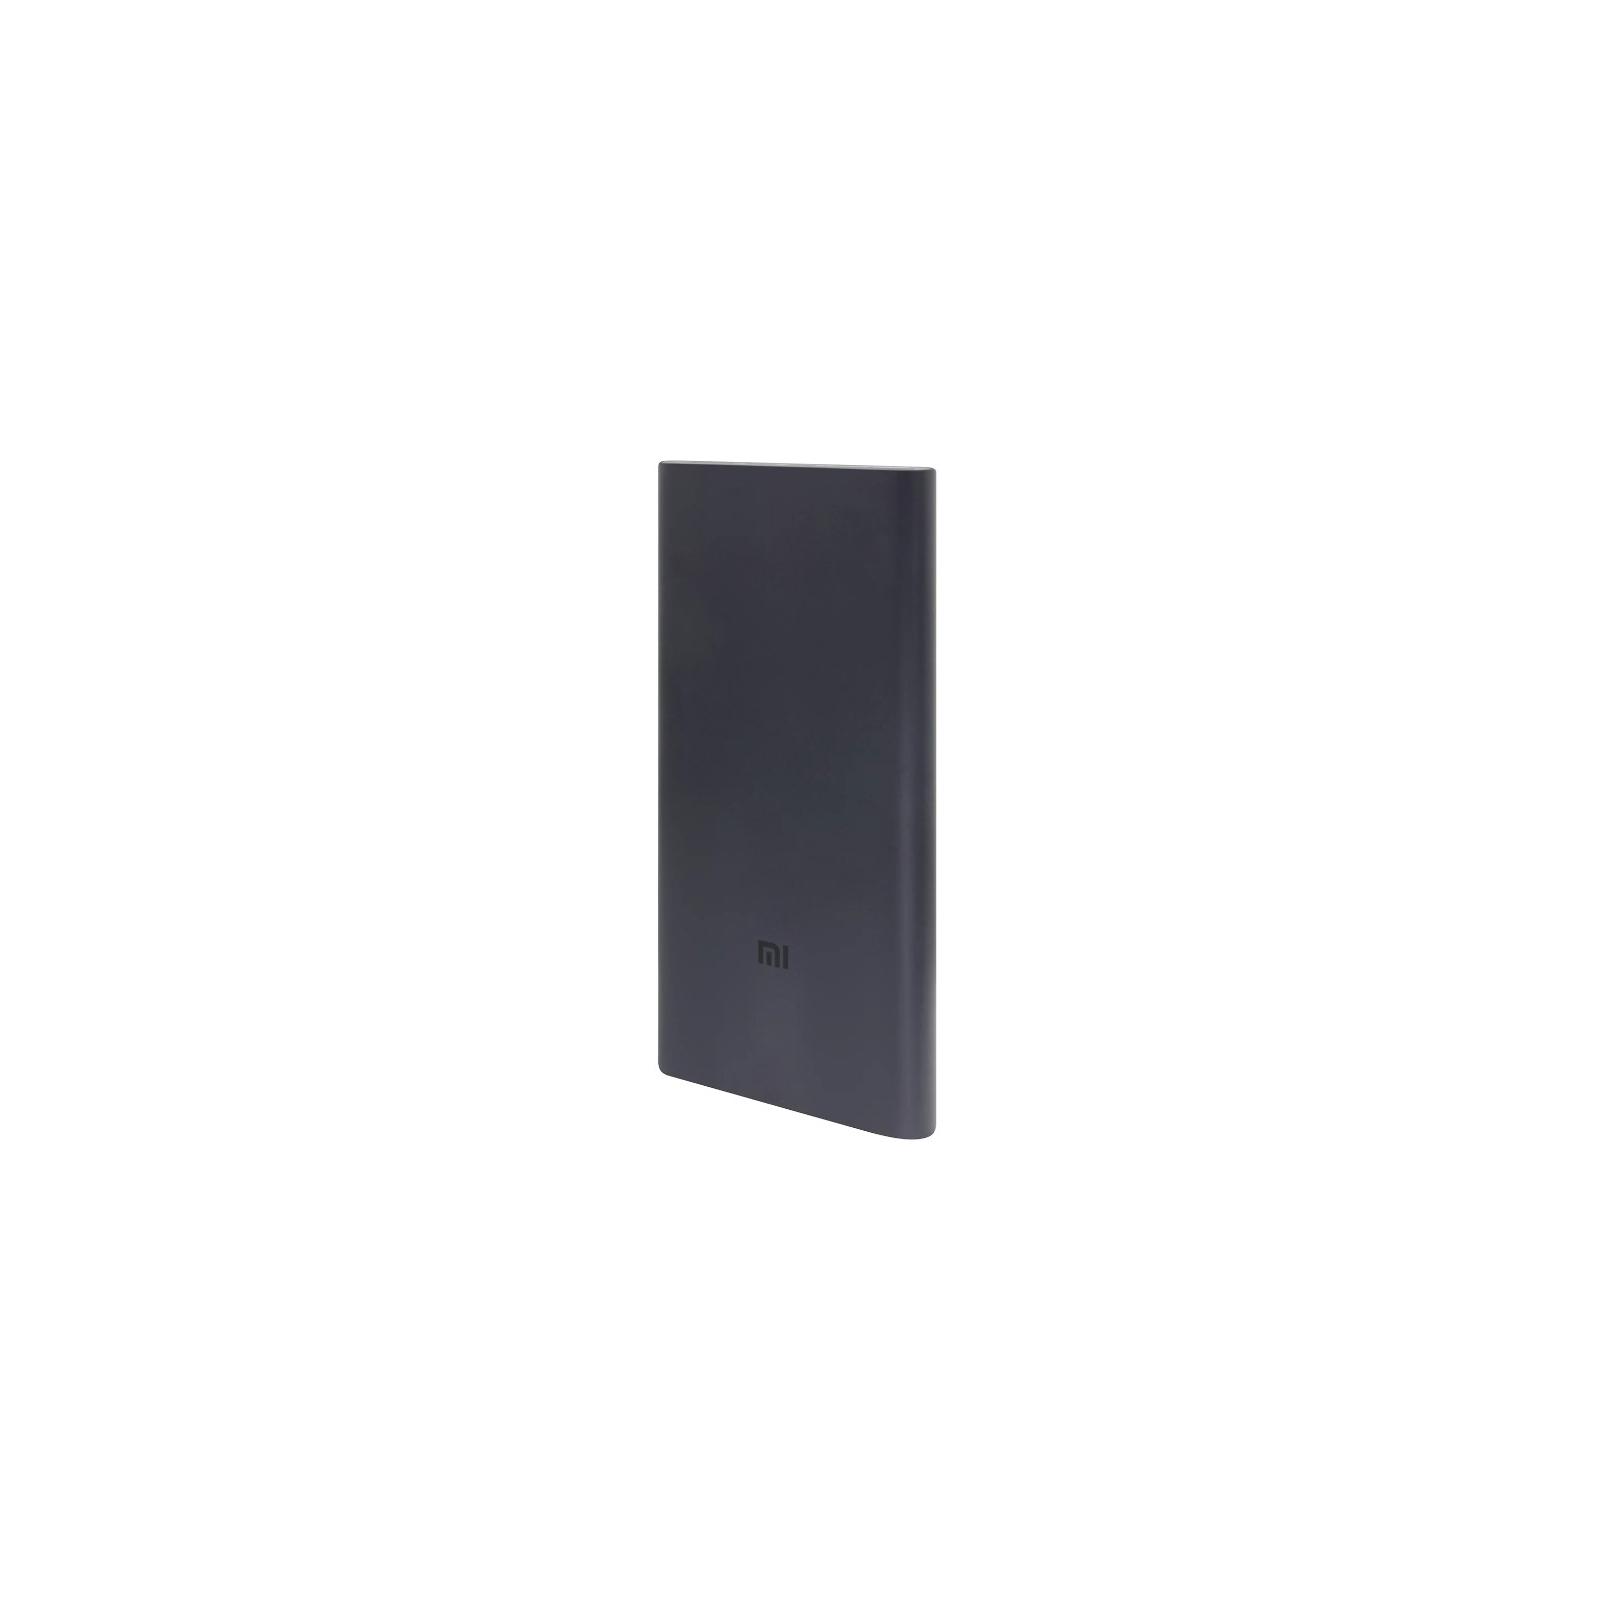 Батарея универсальная Xiaomi Mi Power bank 3 10000mAh QC3.0(Type-C), QC2.0(USB) Black (PLM12ZM-Black) изображение 3